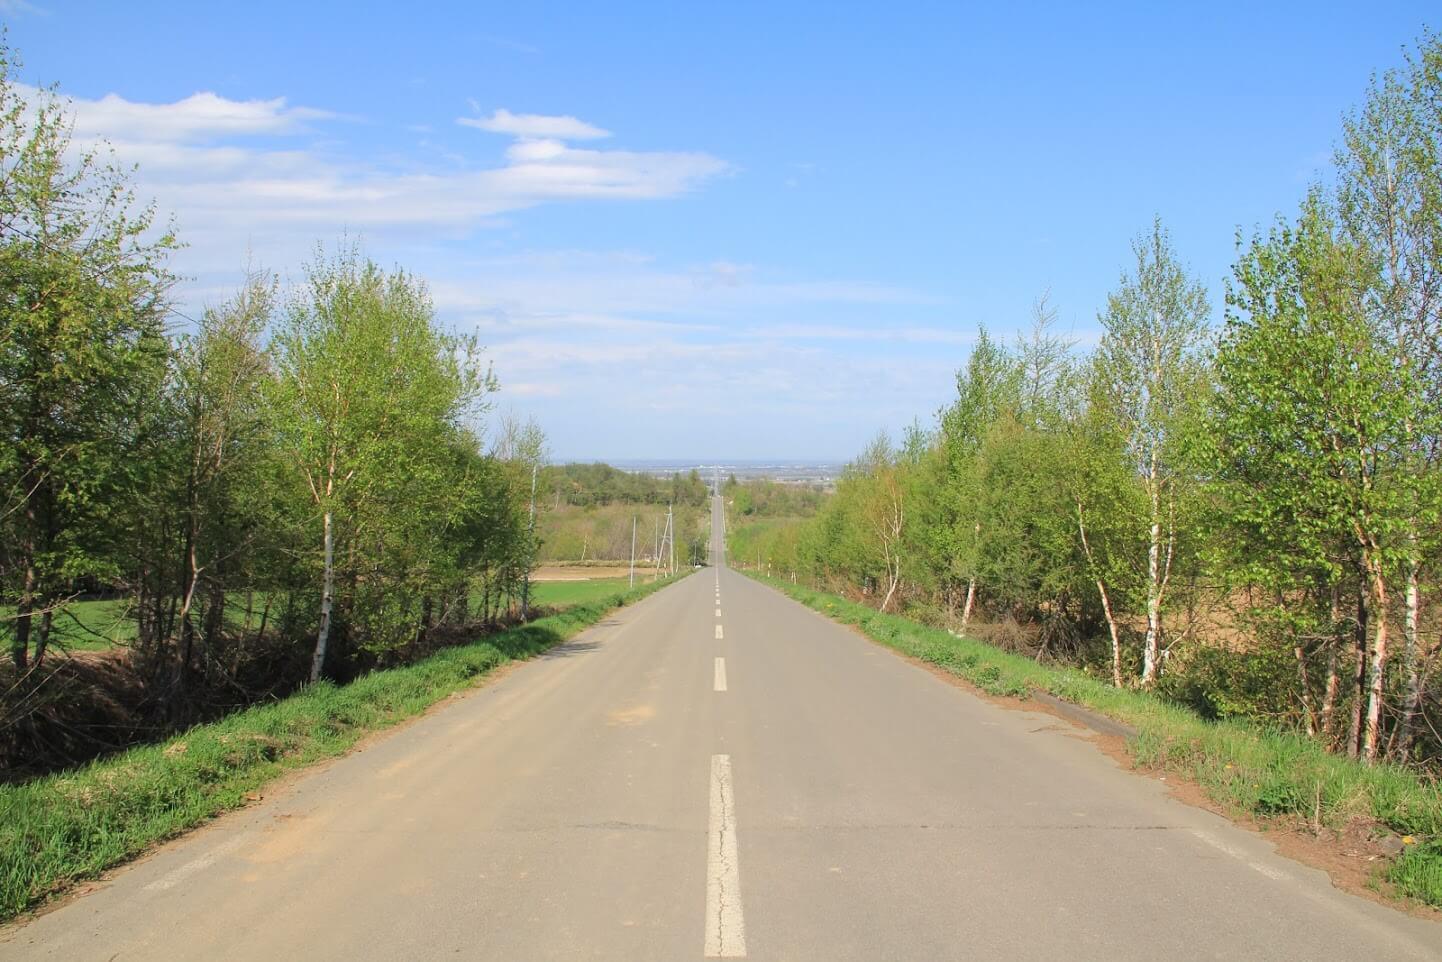 隱身於鄉間的絕景自駕路線「通往天堂的道路」